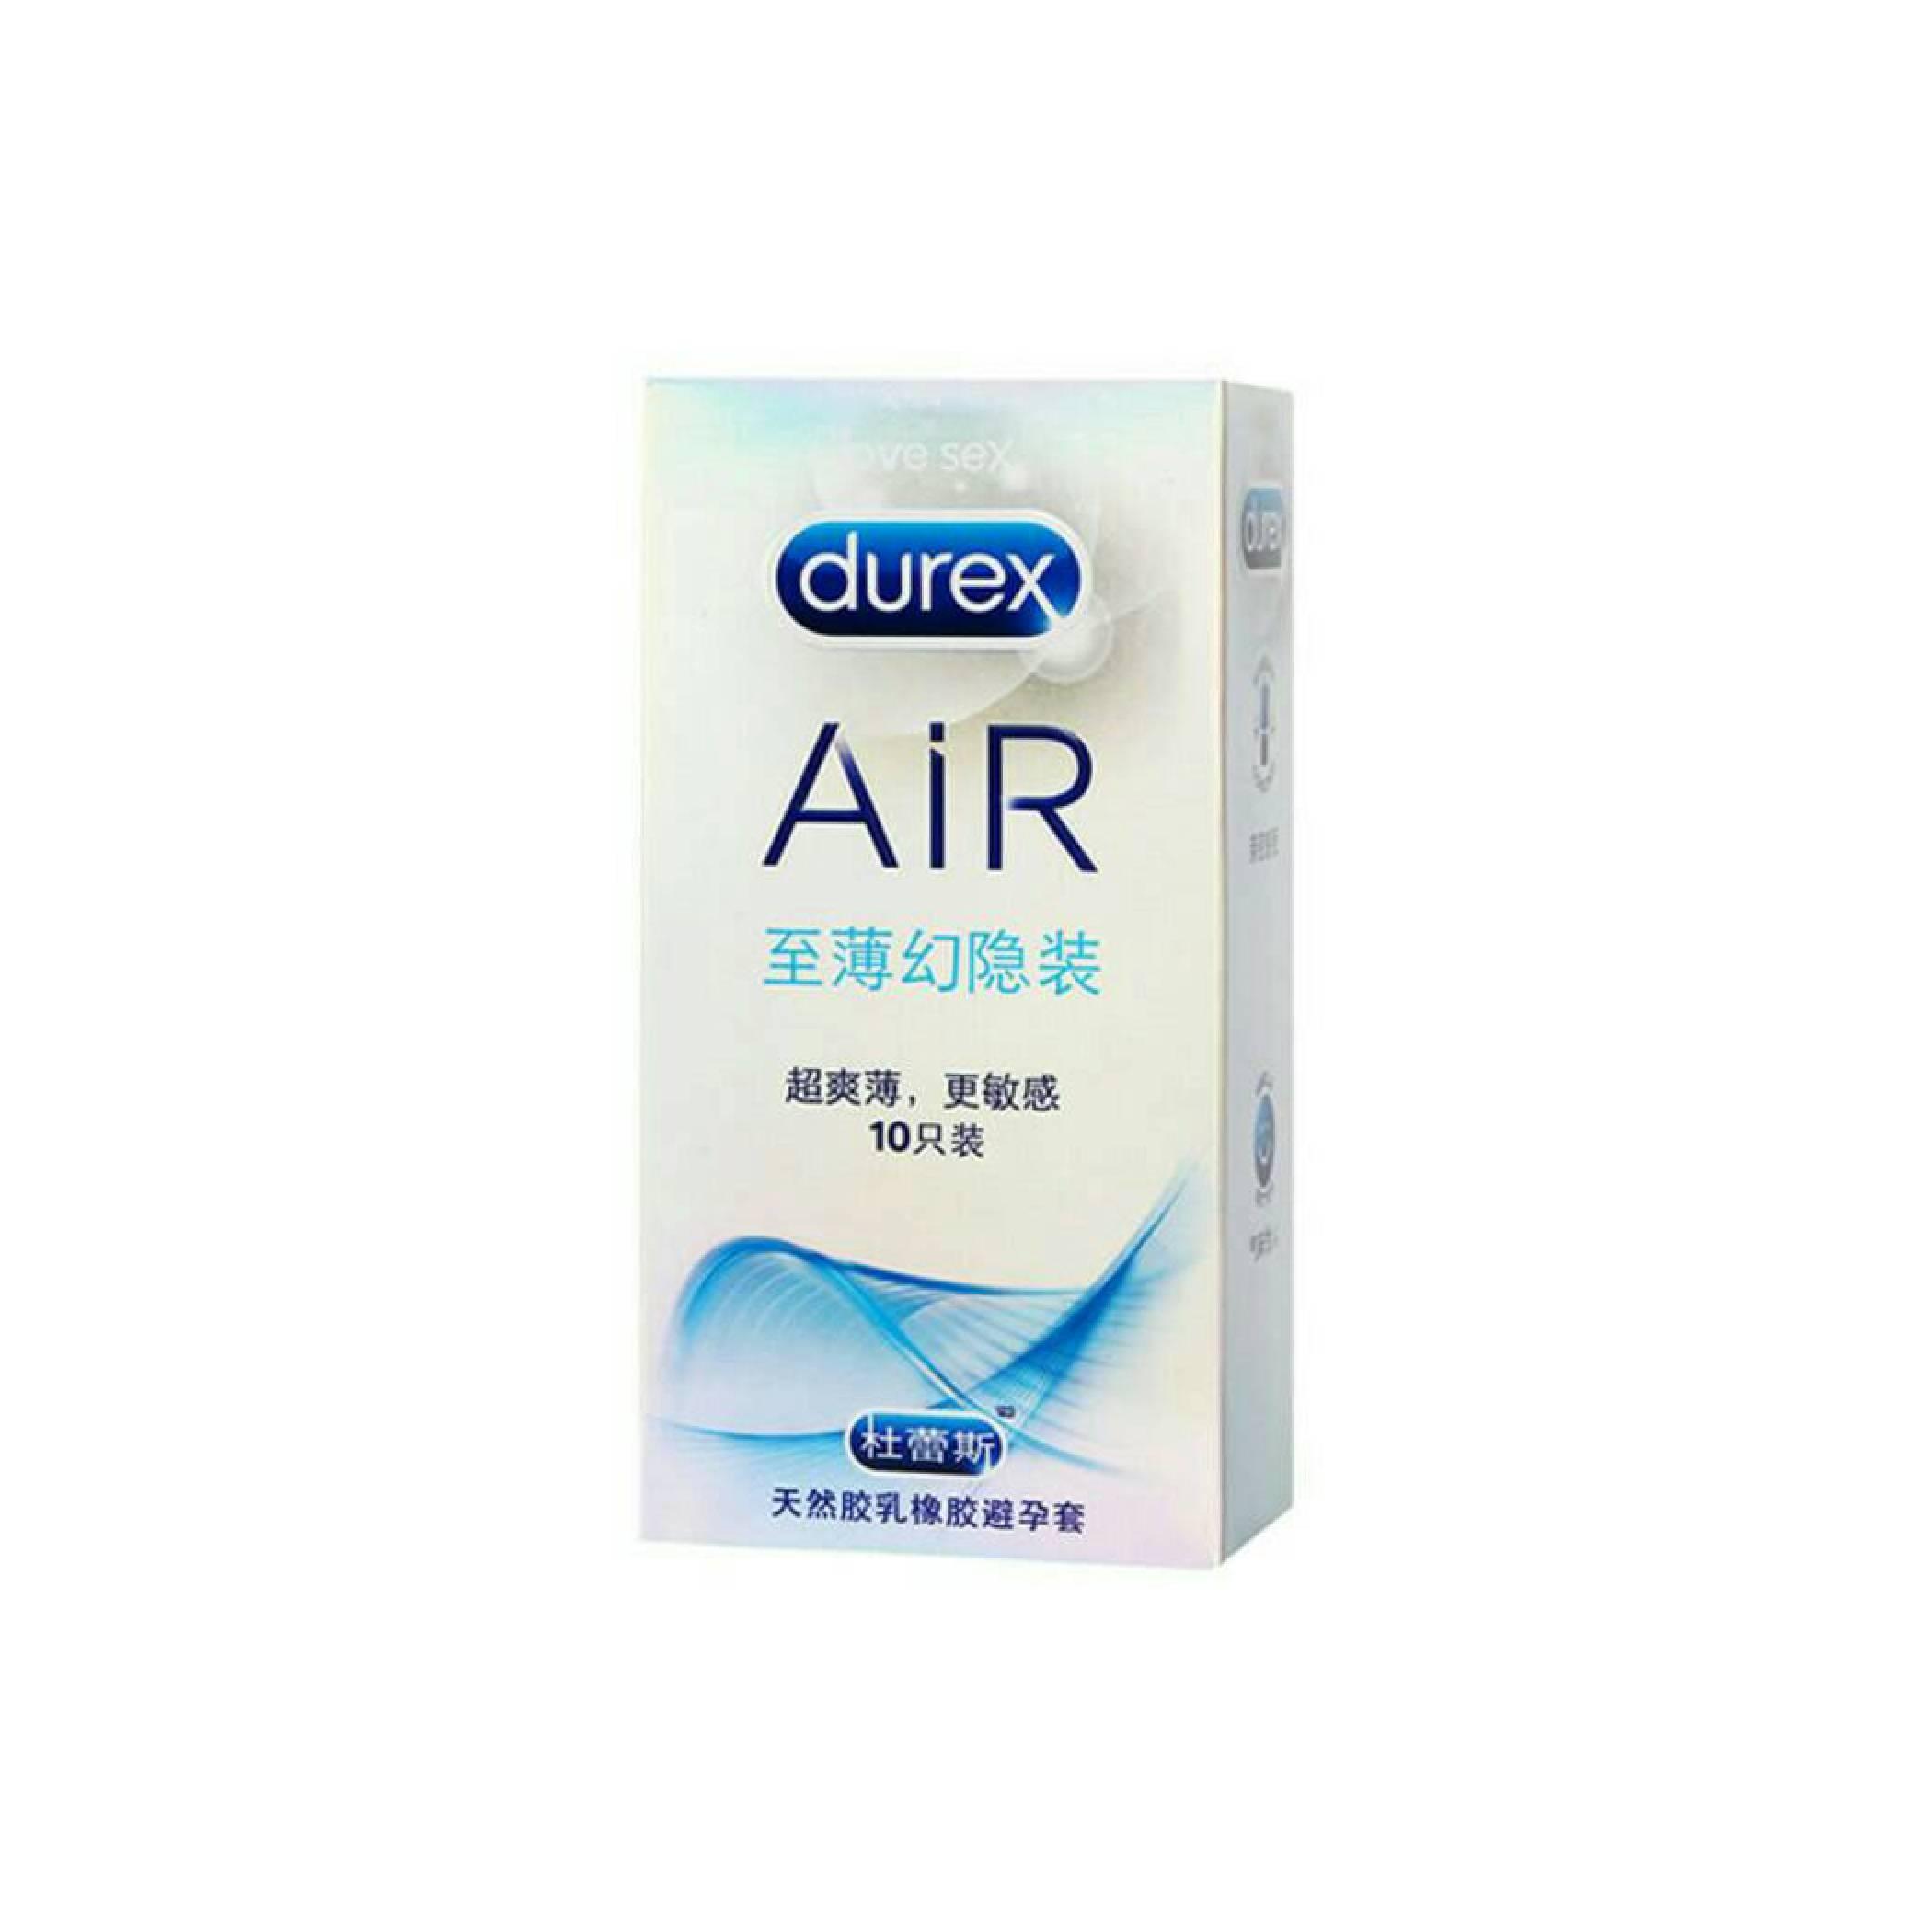 Harga Kondom Durex Indonesia Terbaru Paling Murah Fetherlite Isi 12 Tipis Air Condom Dari